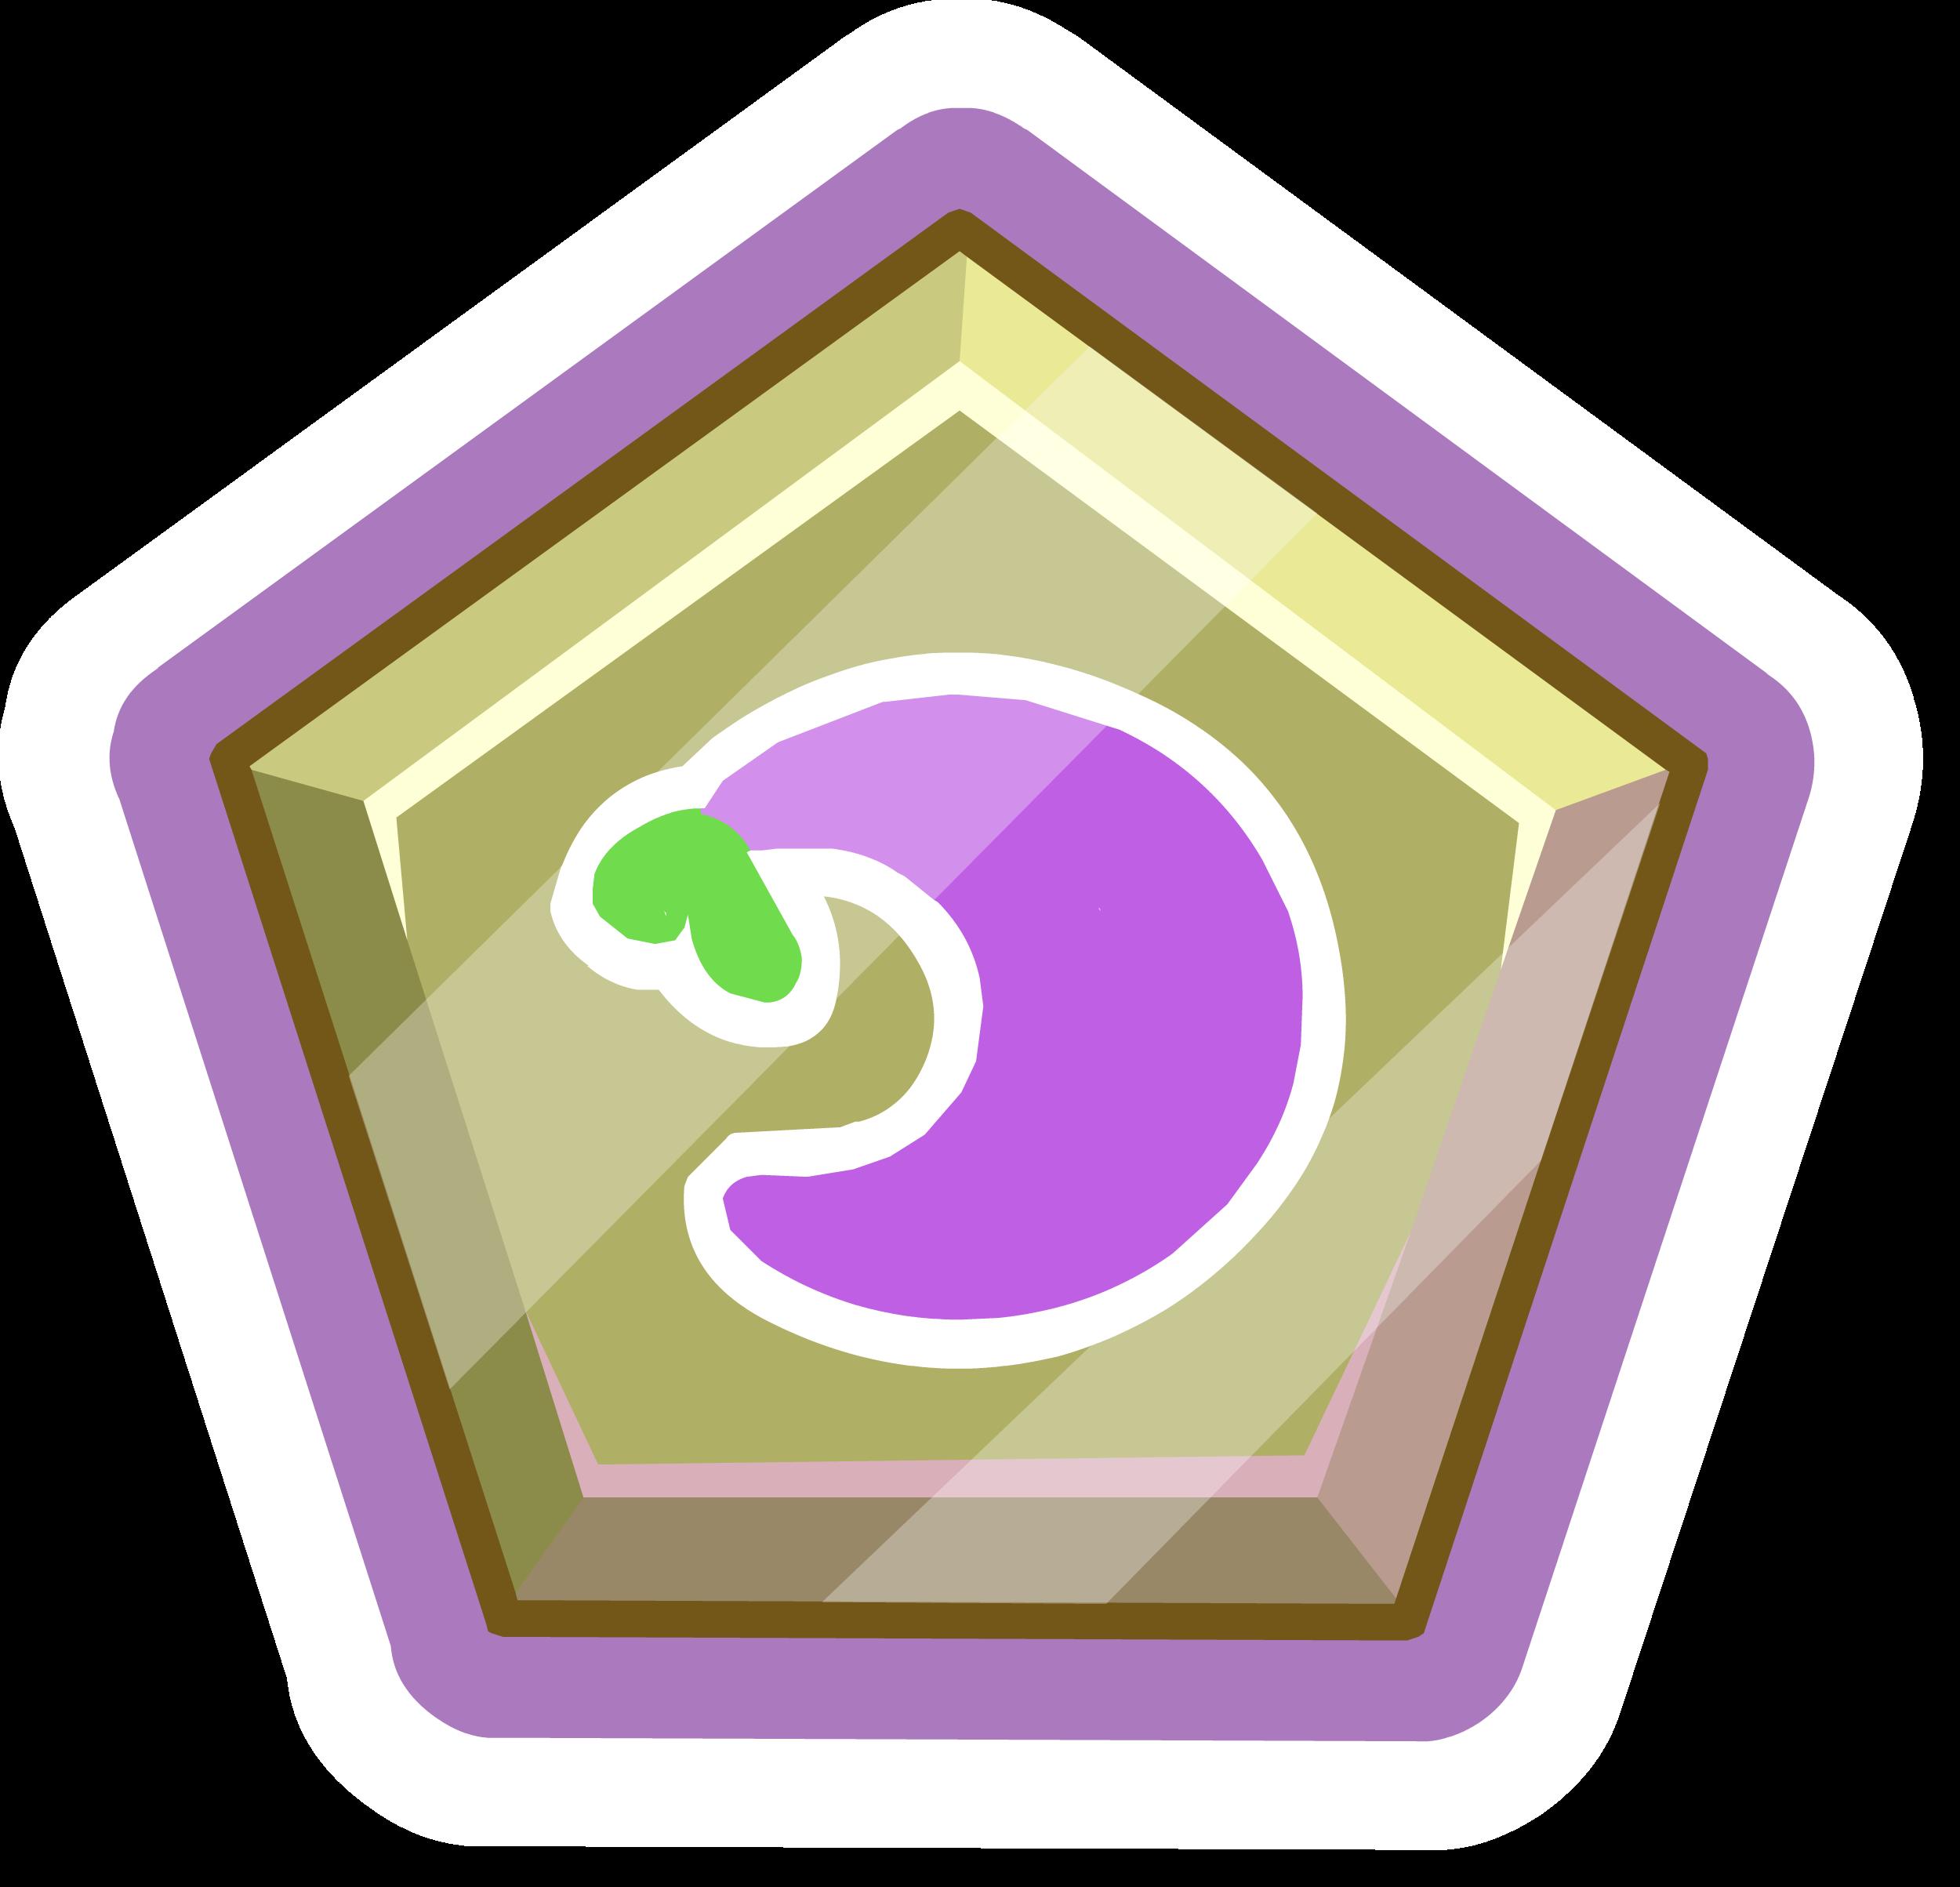 Pin de Puffito Violeta